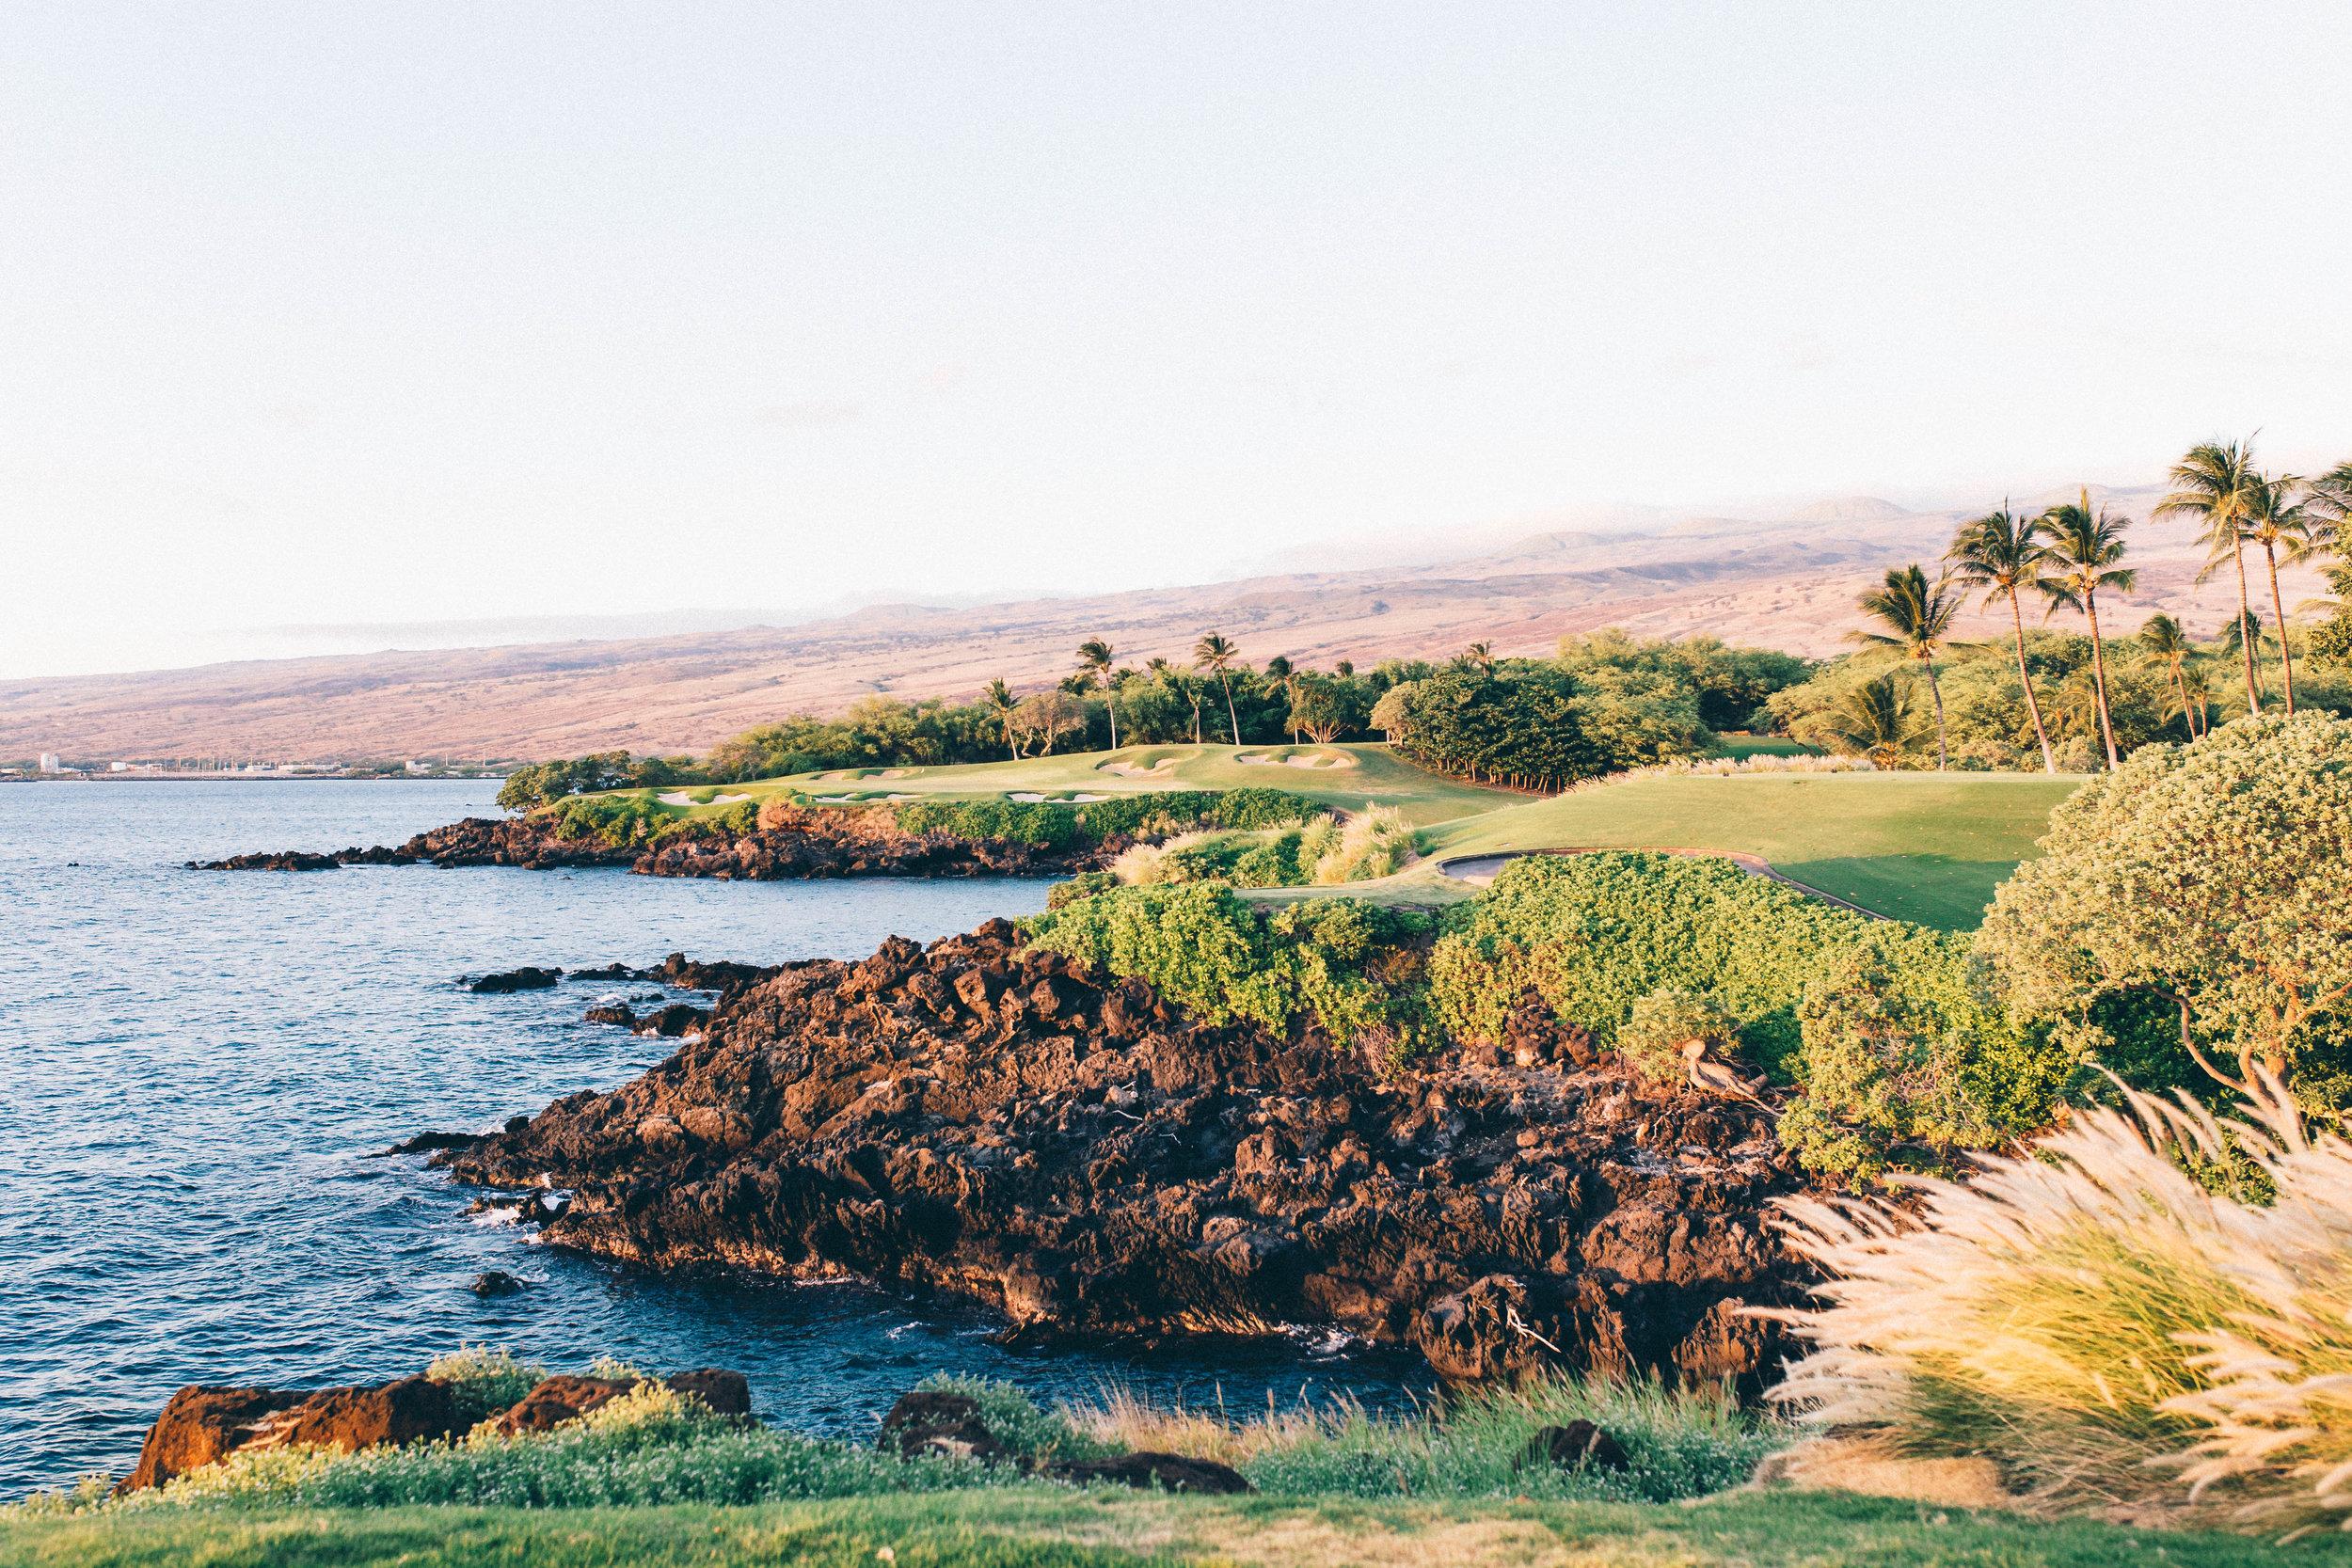 MaunaKea_Sept2016-1-2.jpg